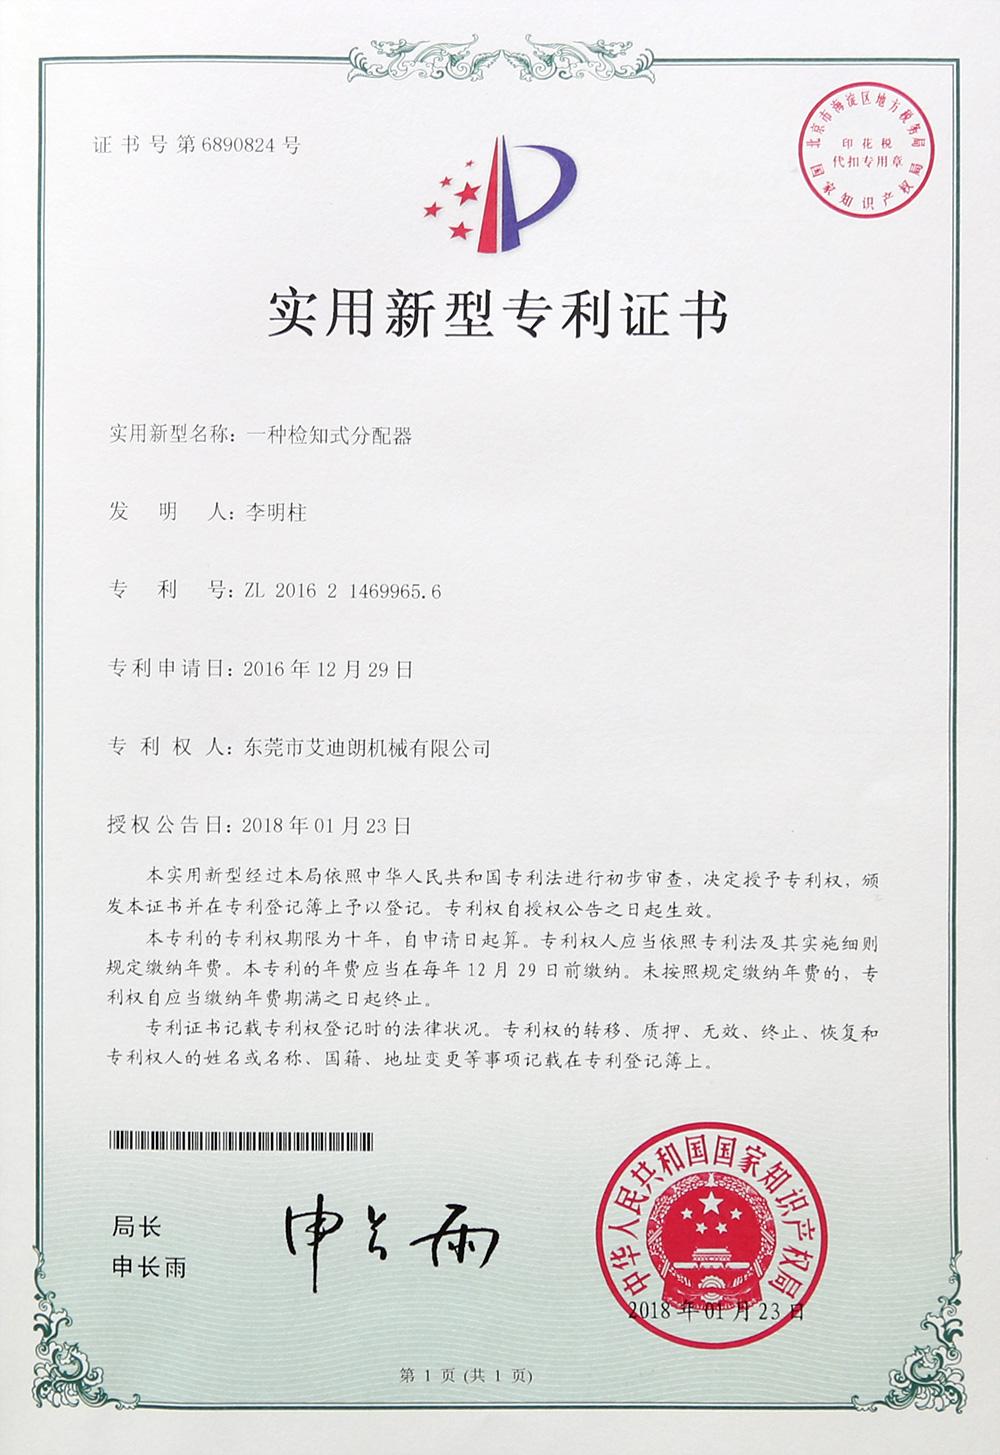 技术专利 (3)